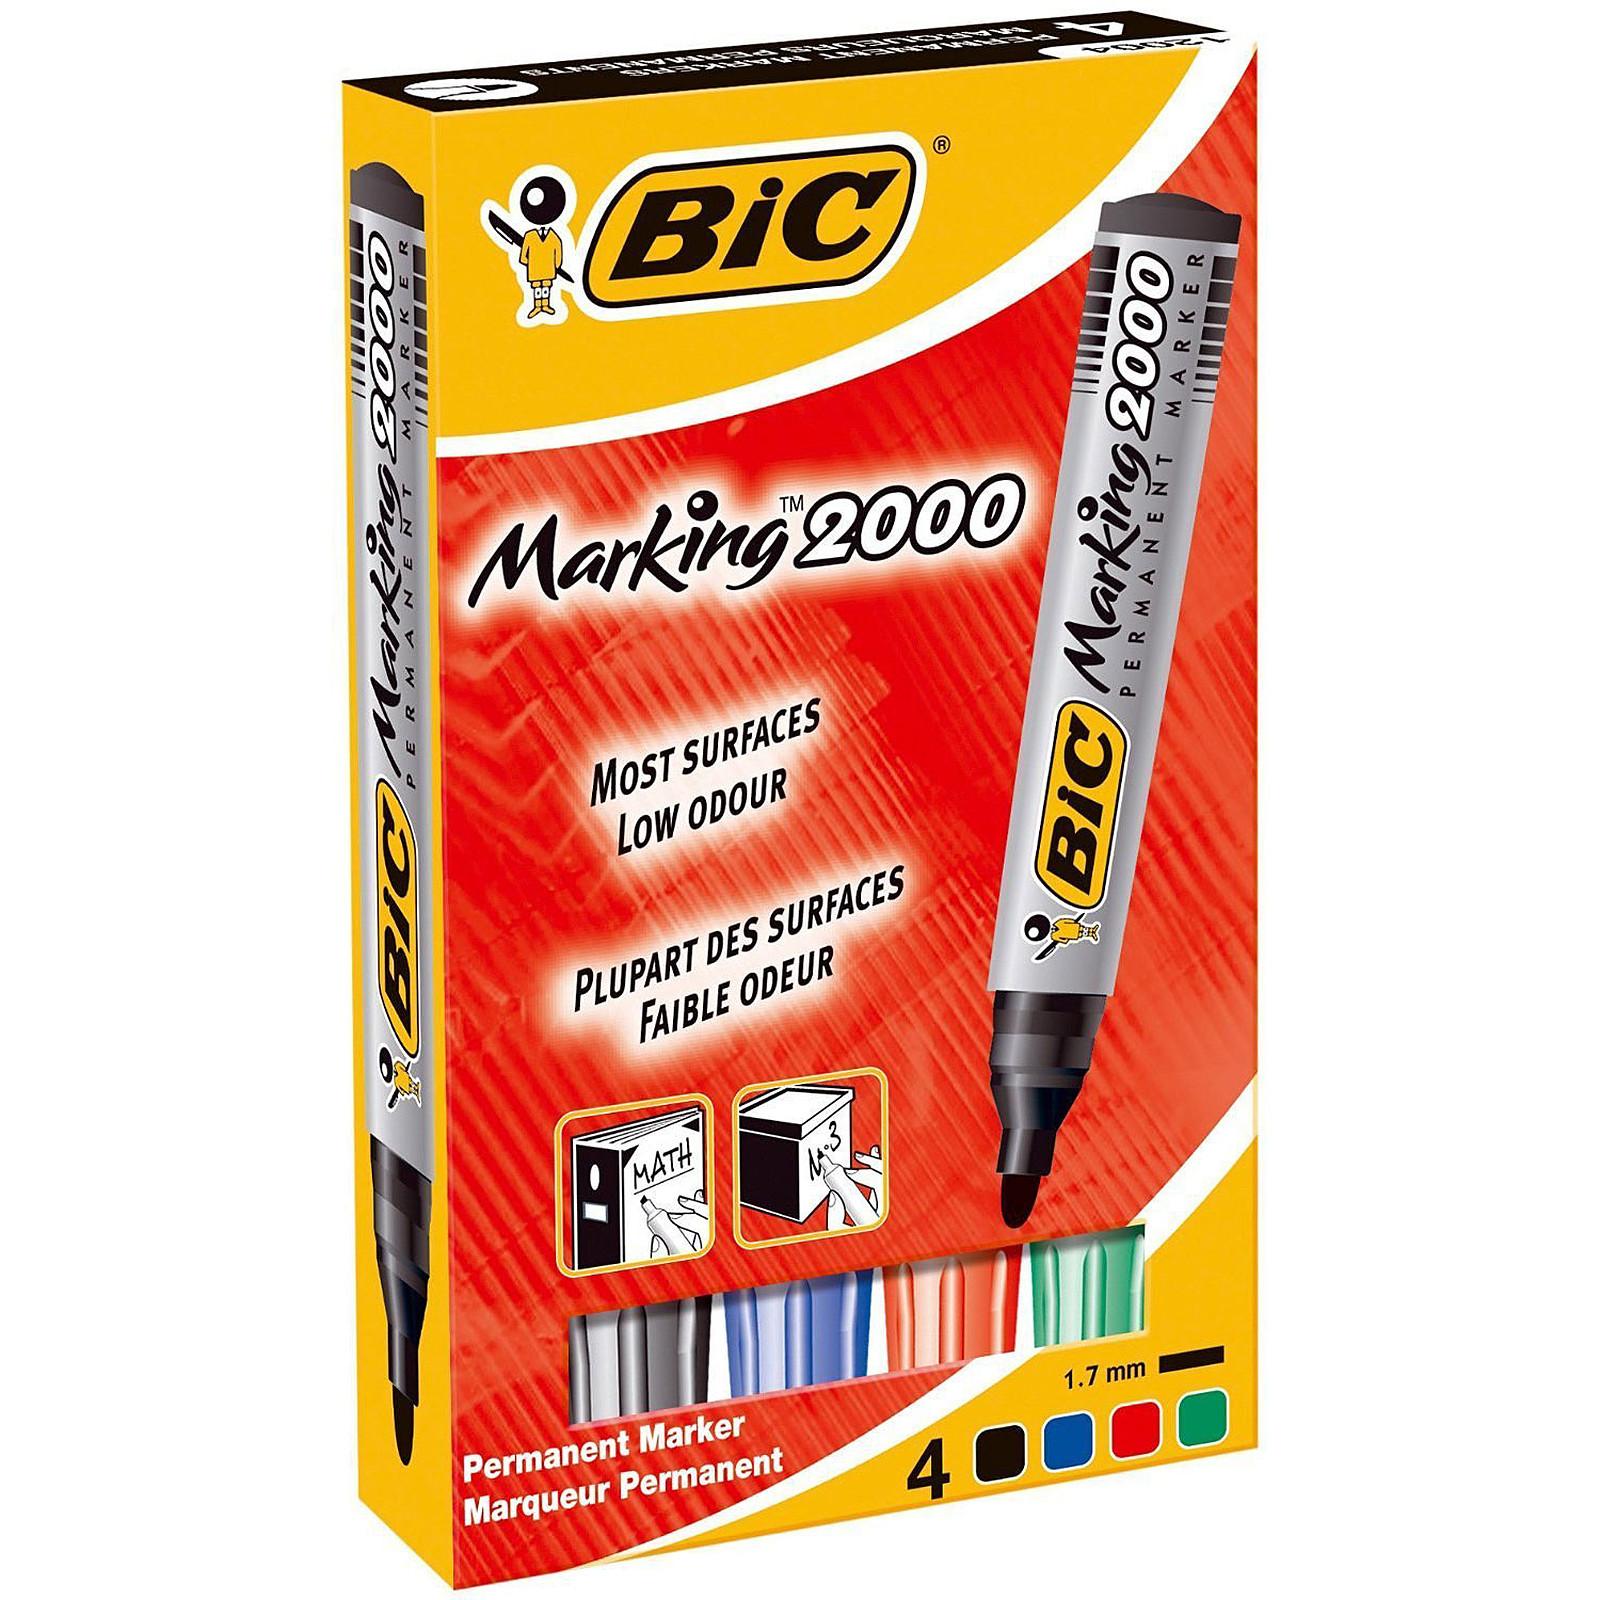 BIC Marking 2000